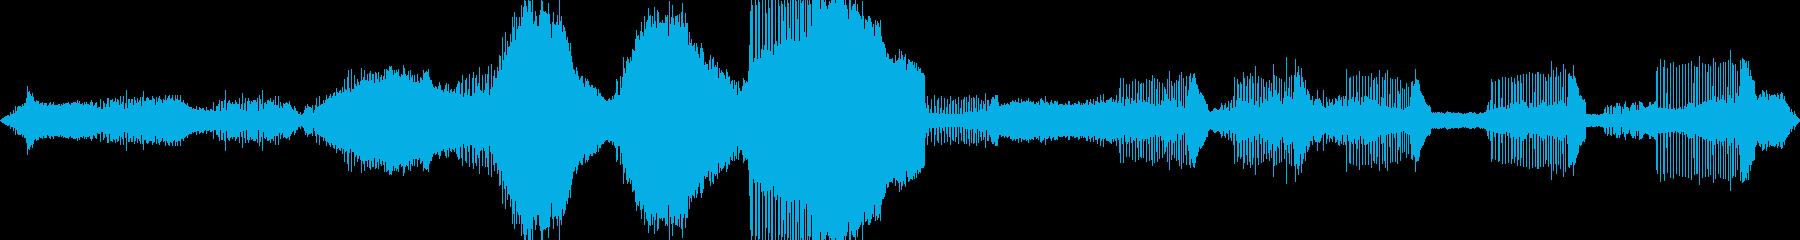 最高級のバイノーラルマイクでセミの声を!の再生済みの波形